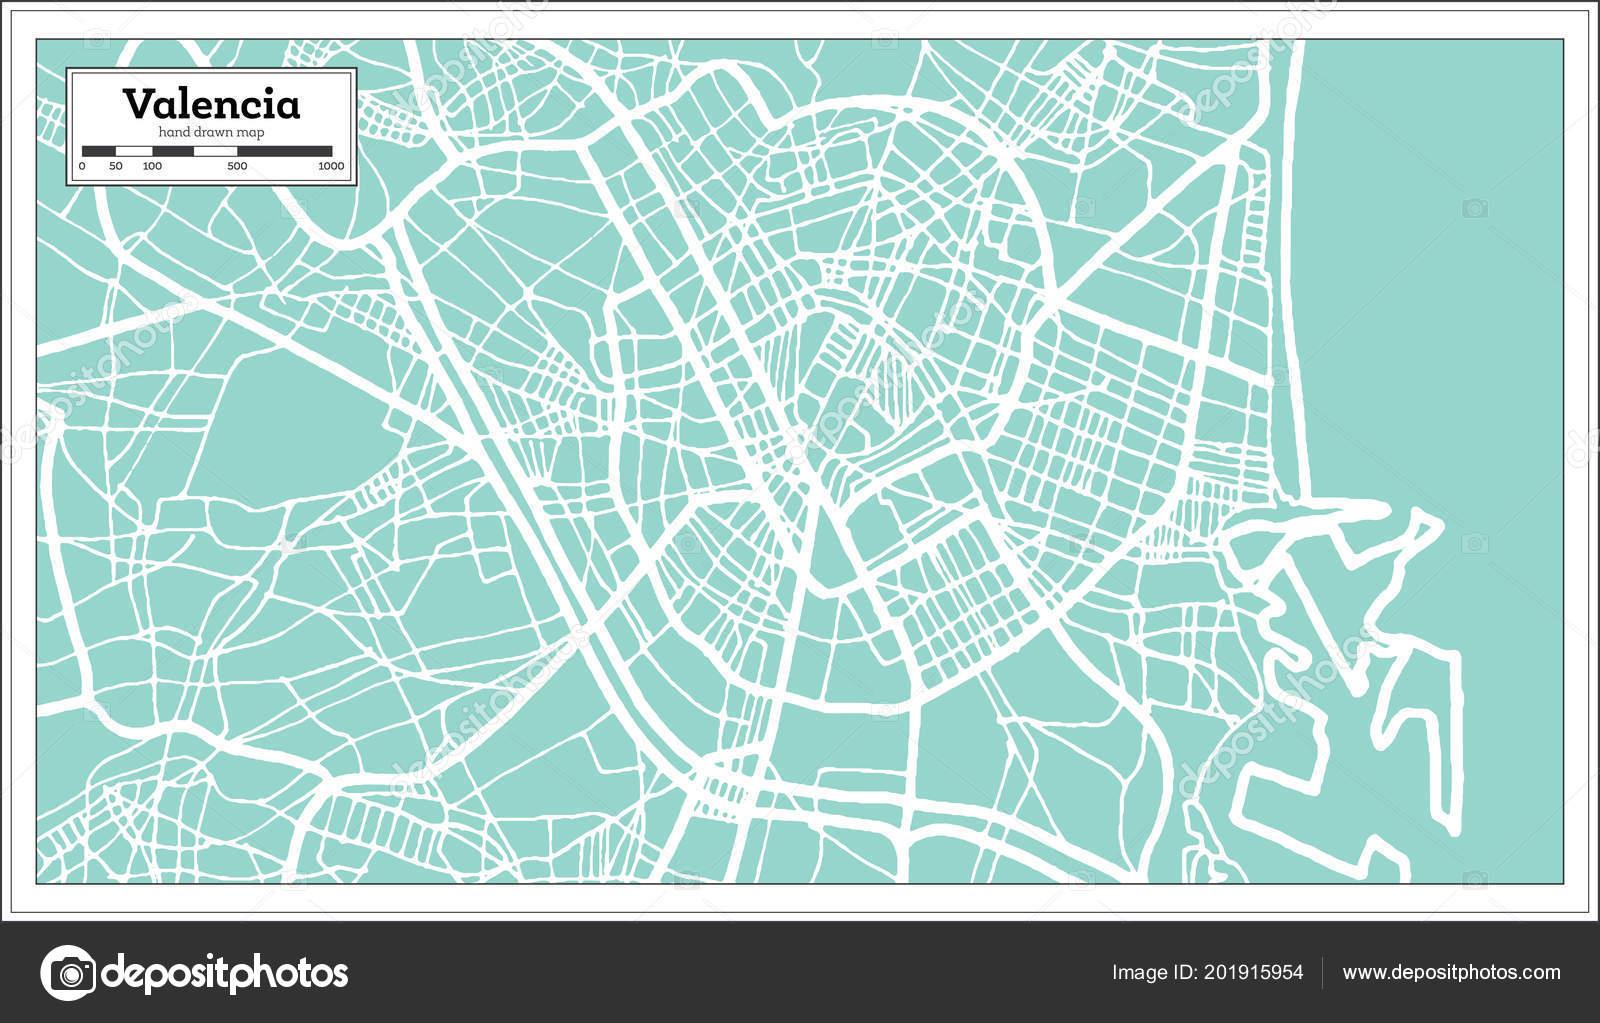 Mapa De La Ciudad De Valencia España.Mapa Ciudad Valencia Espana Estilo Retro Mapa Contorno